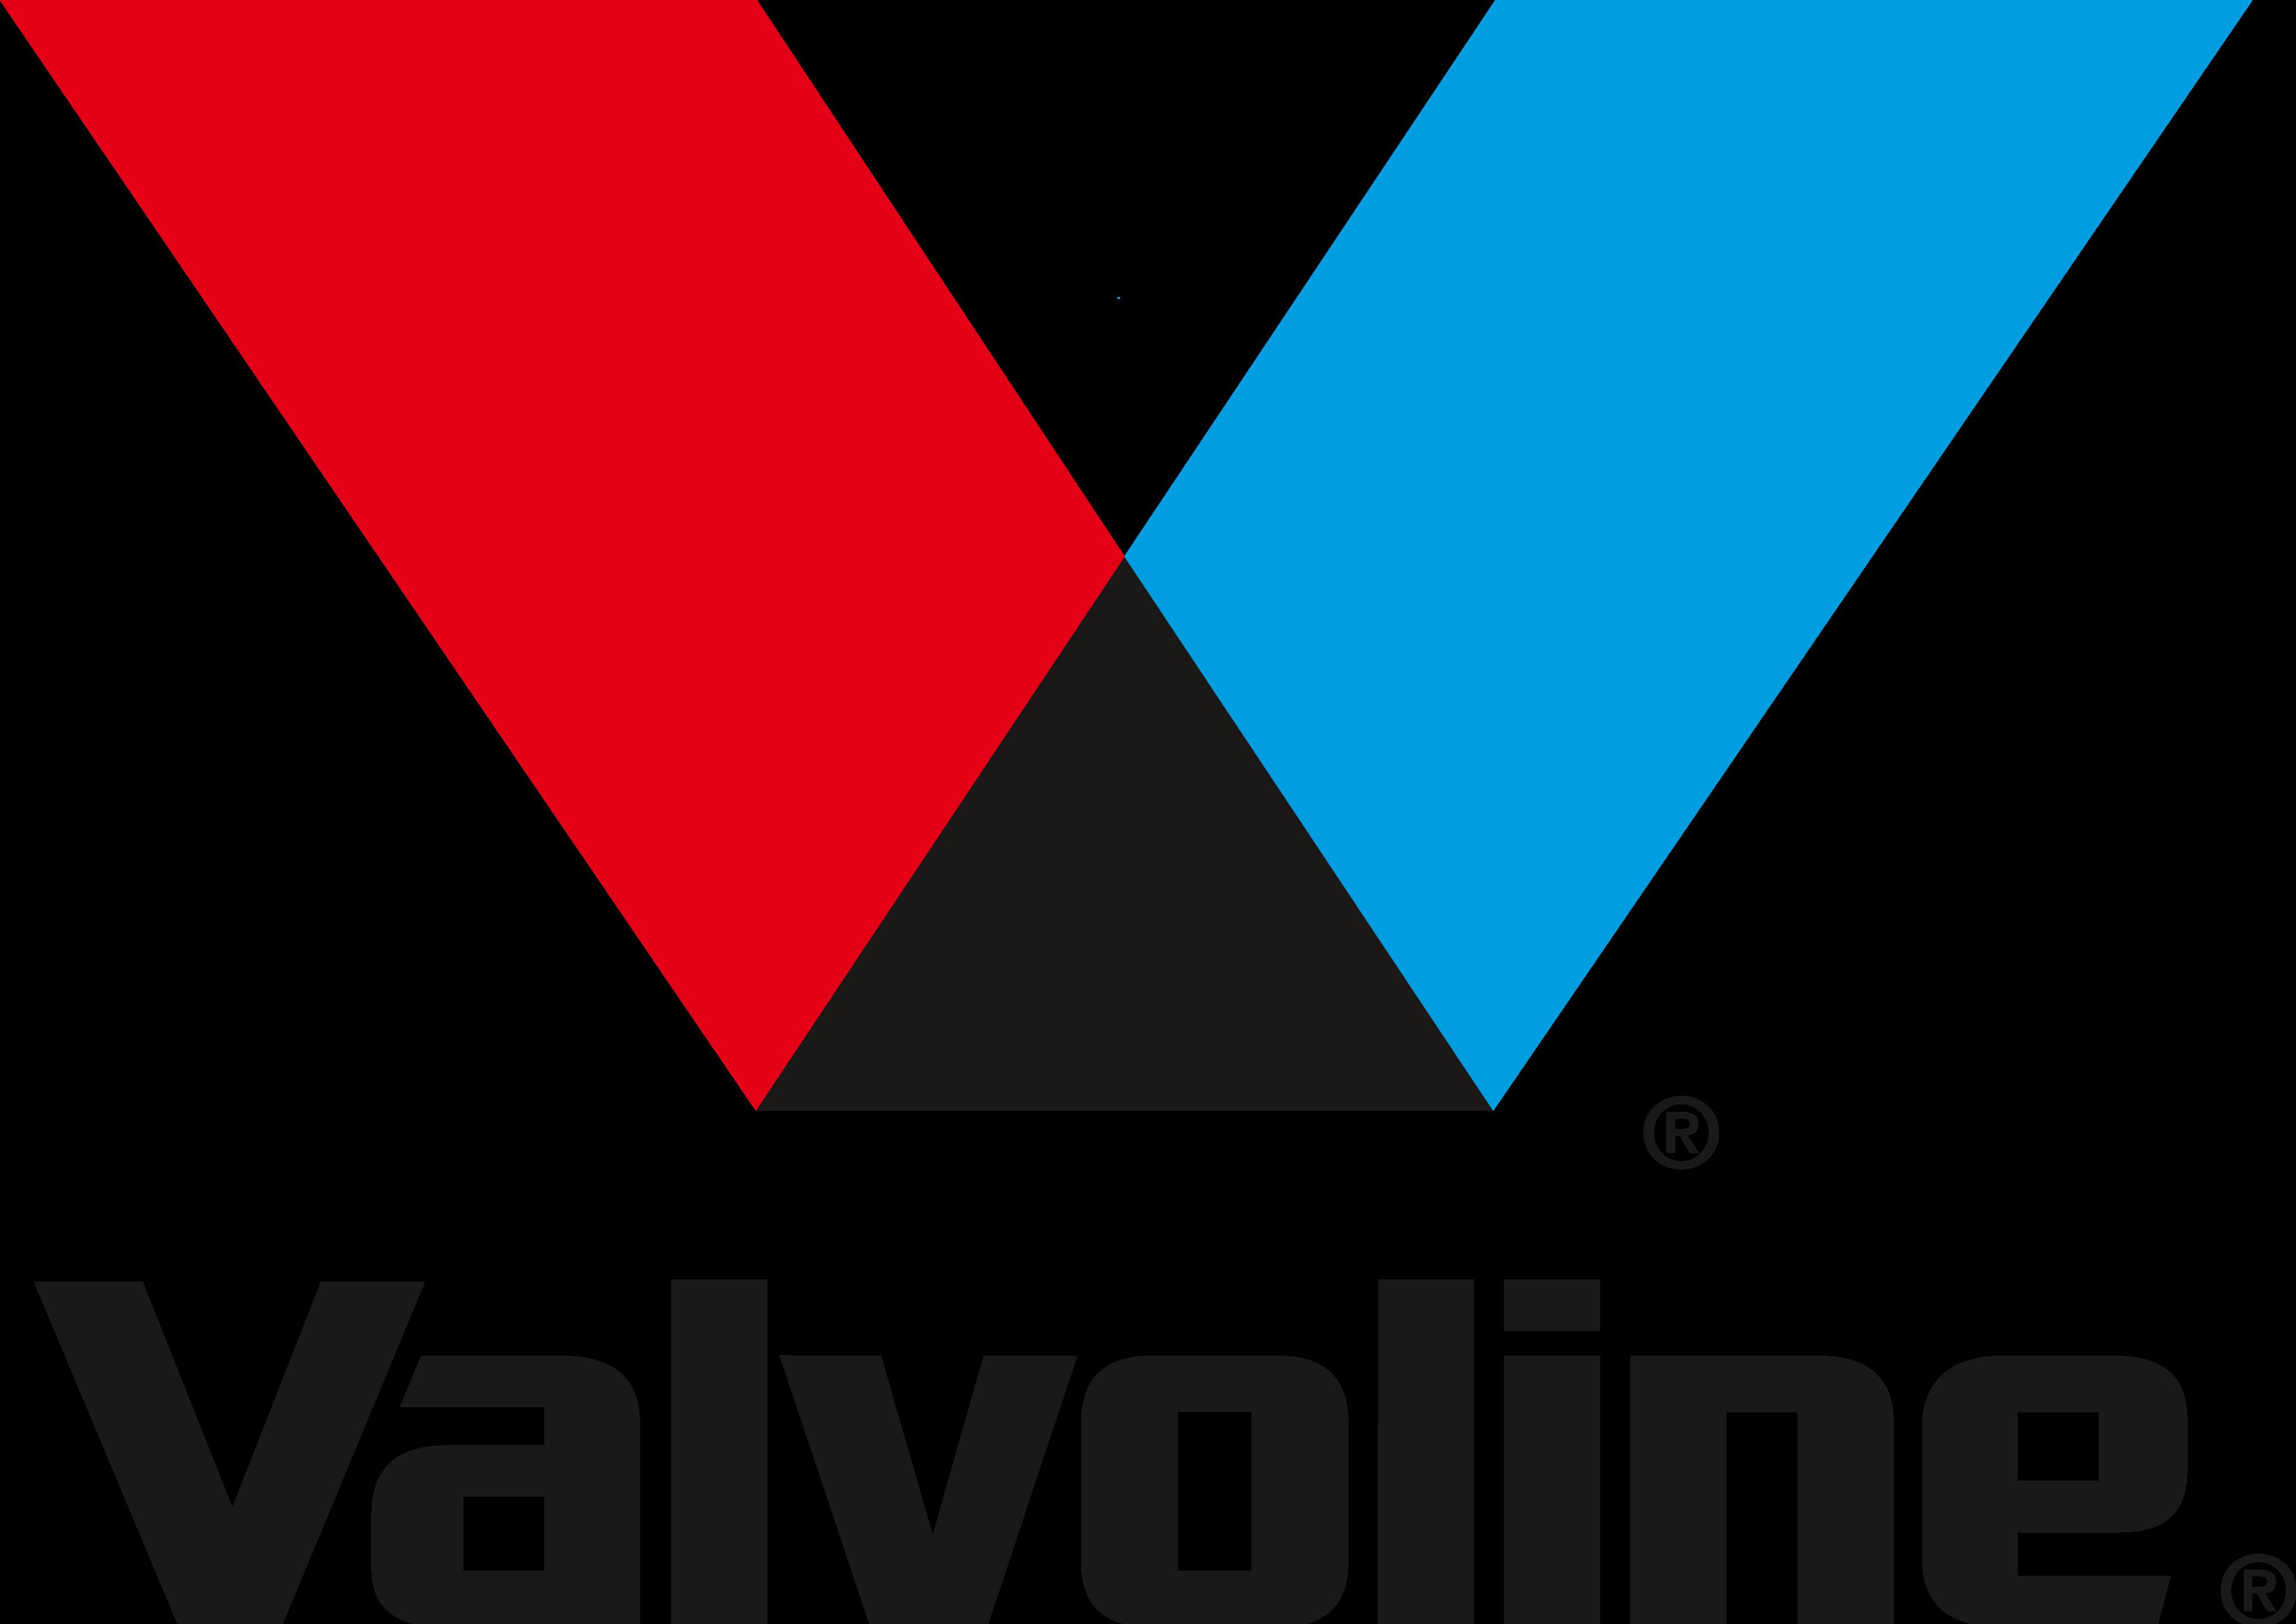 Valvoline Vector logo, Logos, Tech company logos